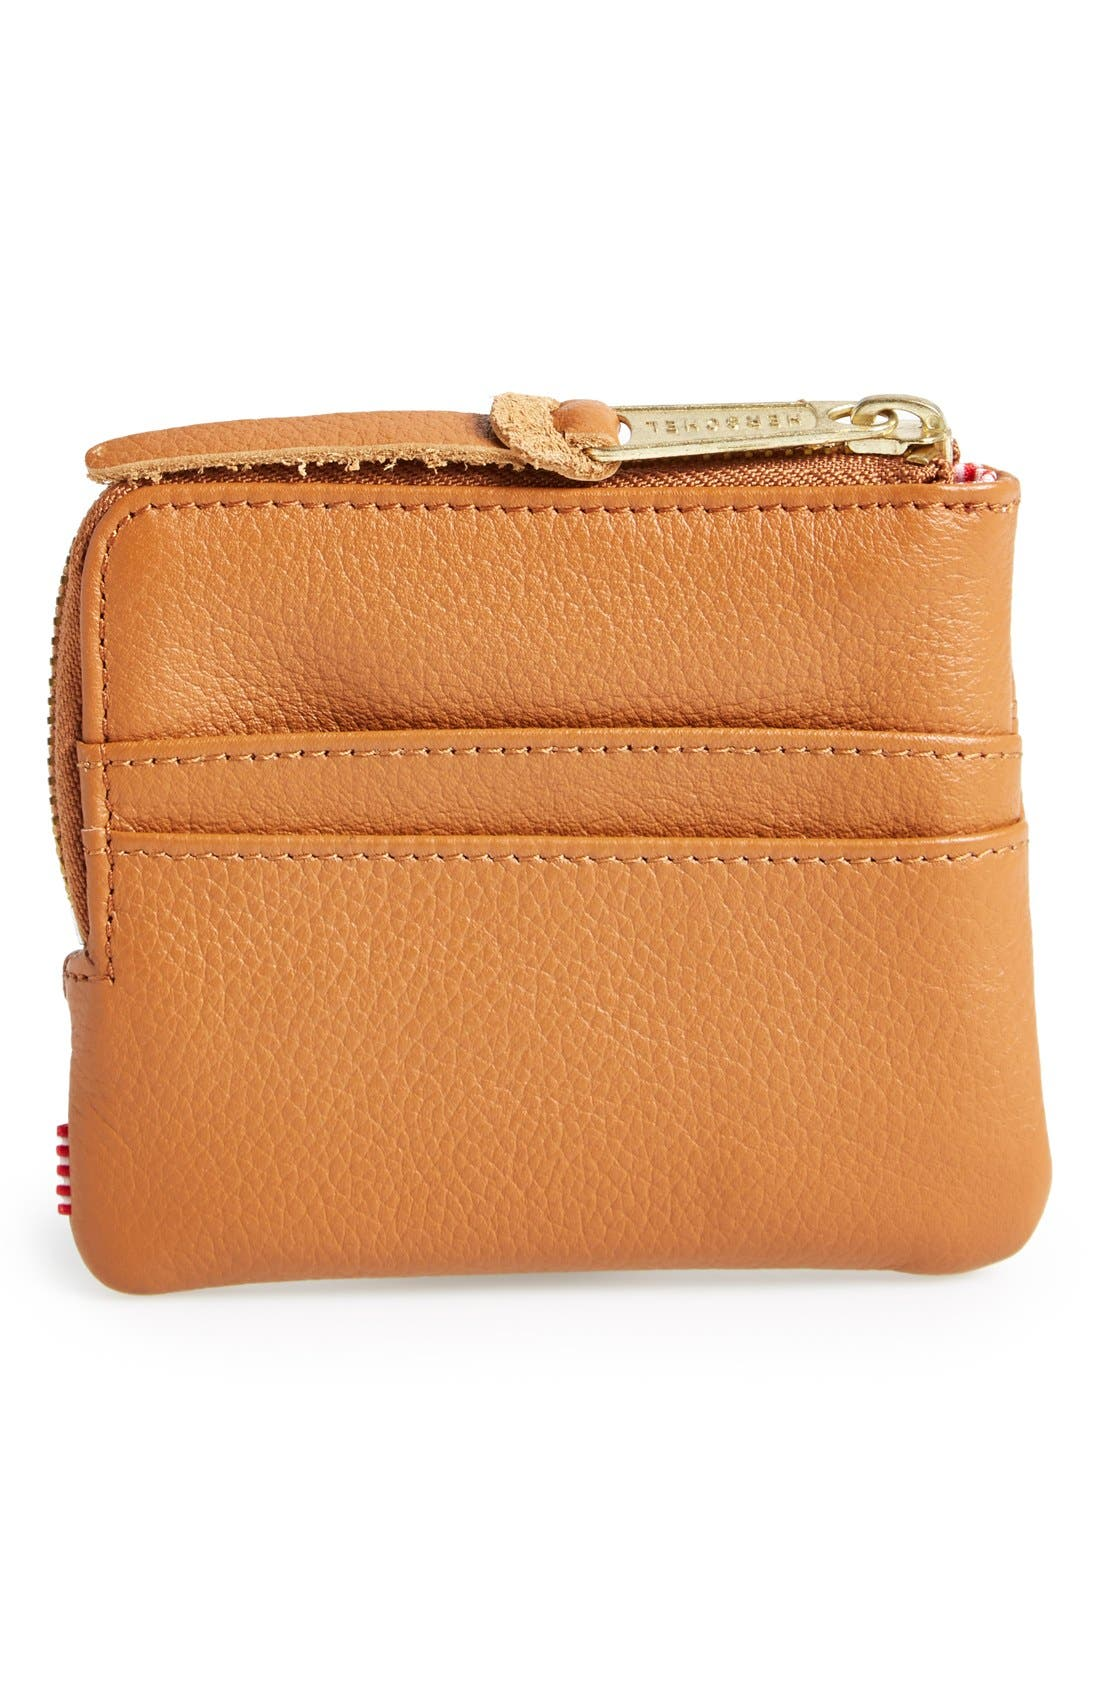 Alternate Image 3  - Herschel Supply Co. 'Johnny' Half Zip Leather Wallet